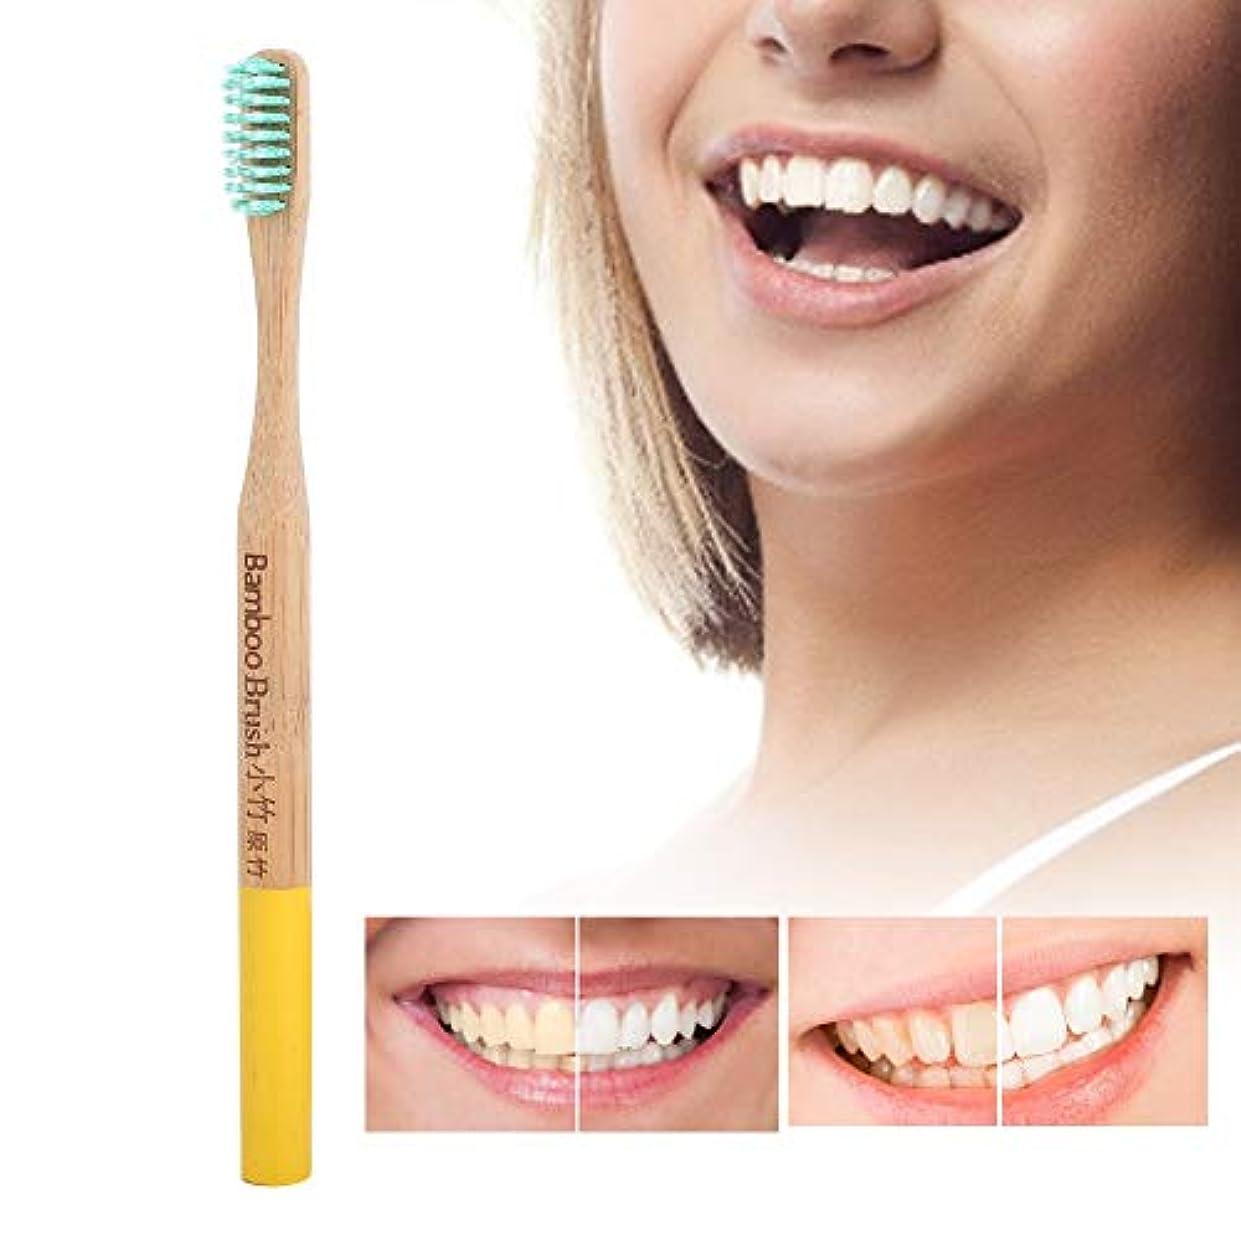 メトロポリタンクラックポット耐えられない歯ブラシソフト細毛竹柄歯ブラシ国内タイプ